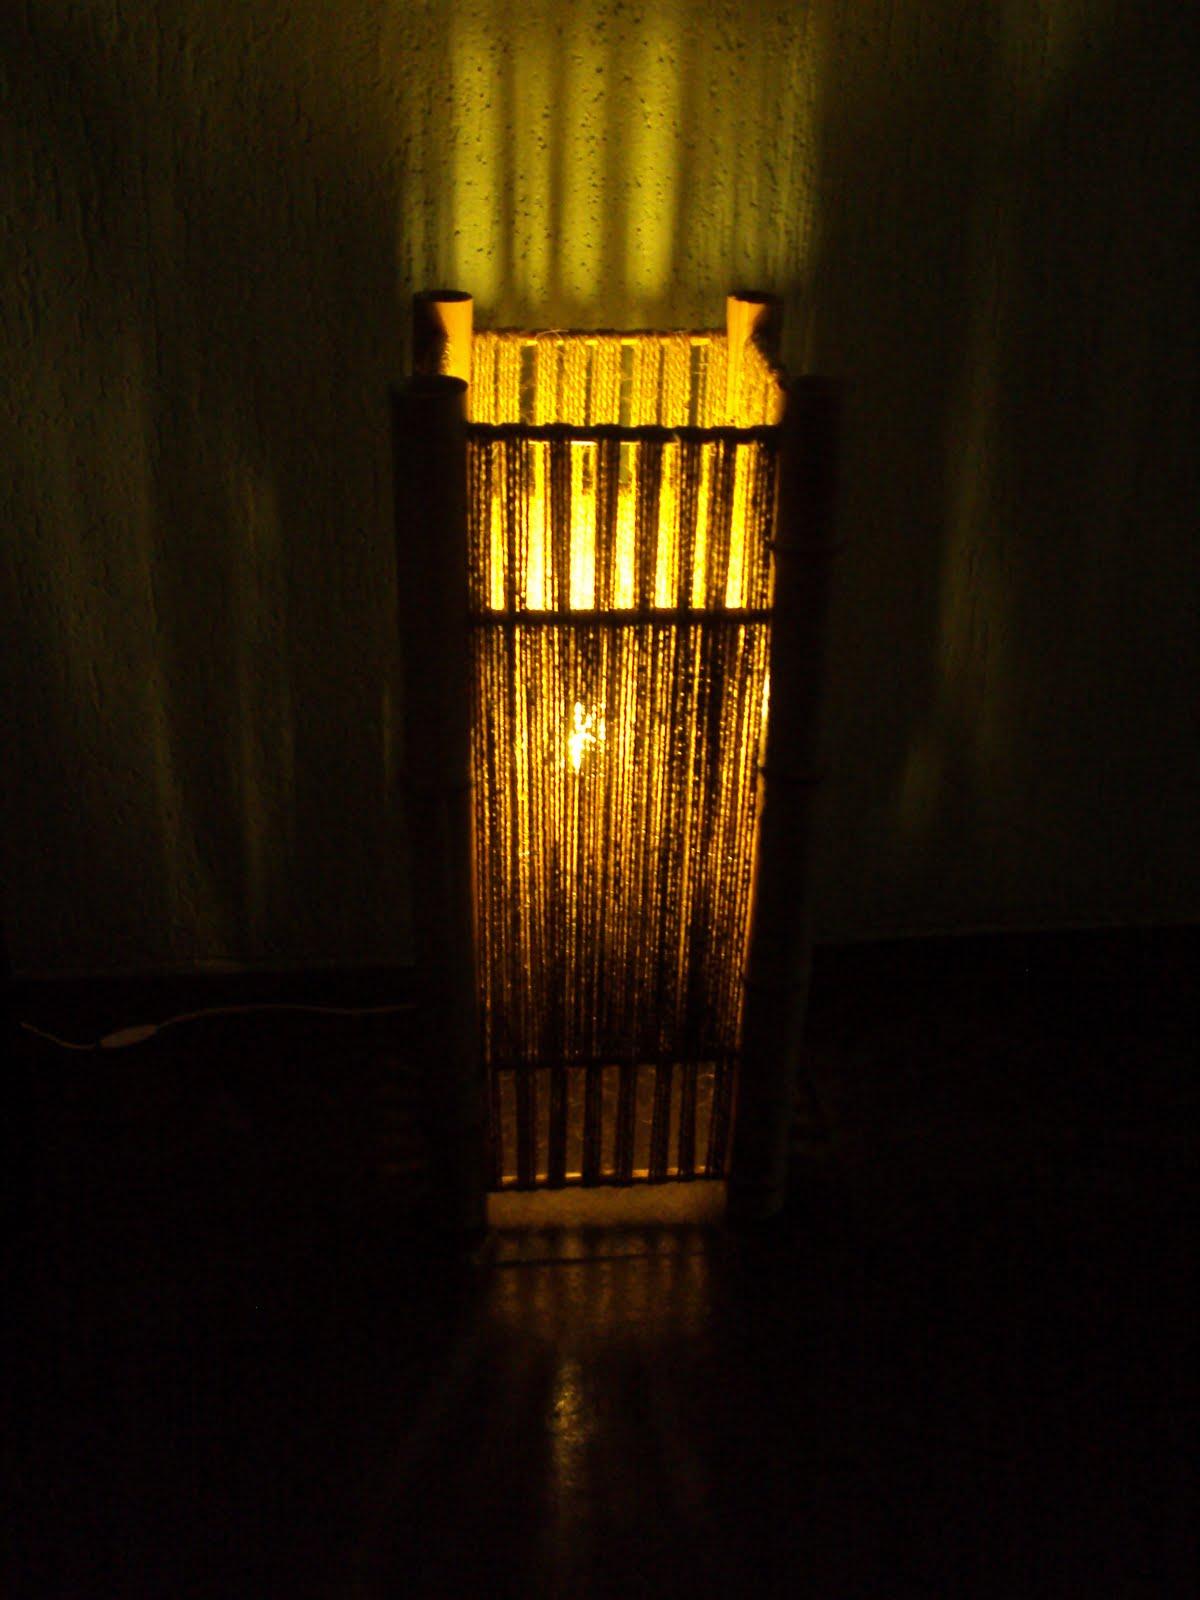 Artesanato Em Florianopolis Sc ~ Luminessence Luminárias Artesanais Luminária de bambu e sisal